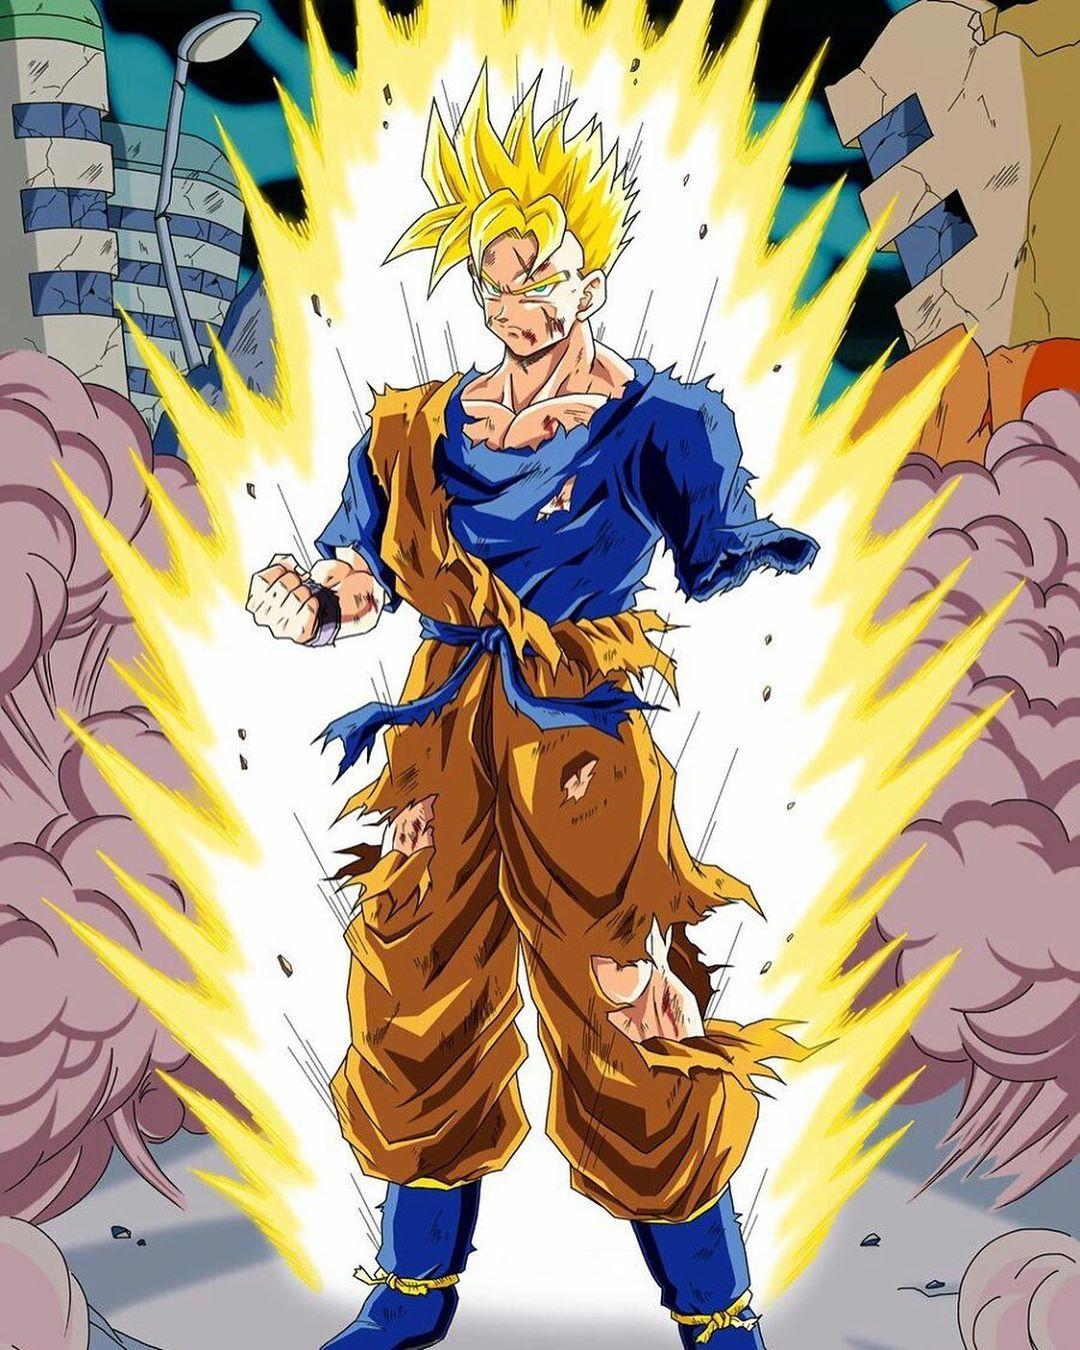 Son Gohan Du Futur Abonne Toi A Supersaiyajin45 Identifie Tes Amis Et Partage Un Maximum Dragon Ball Artwork Dragon Ball Super Manga Anime Dragon Ball